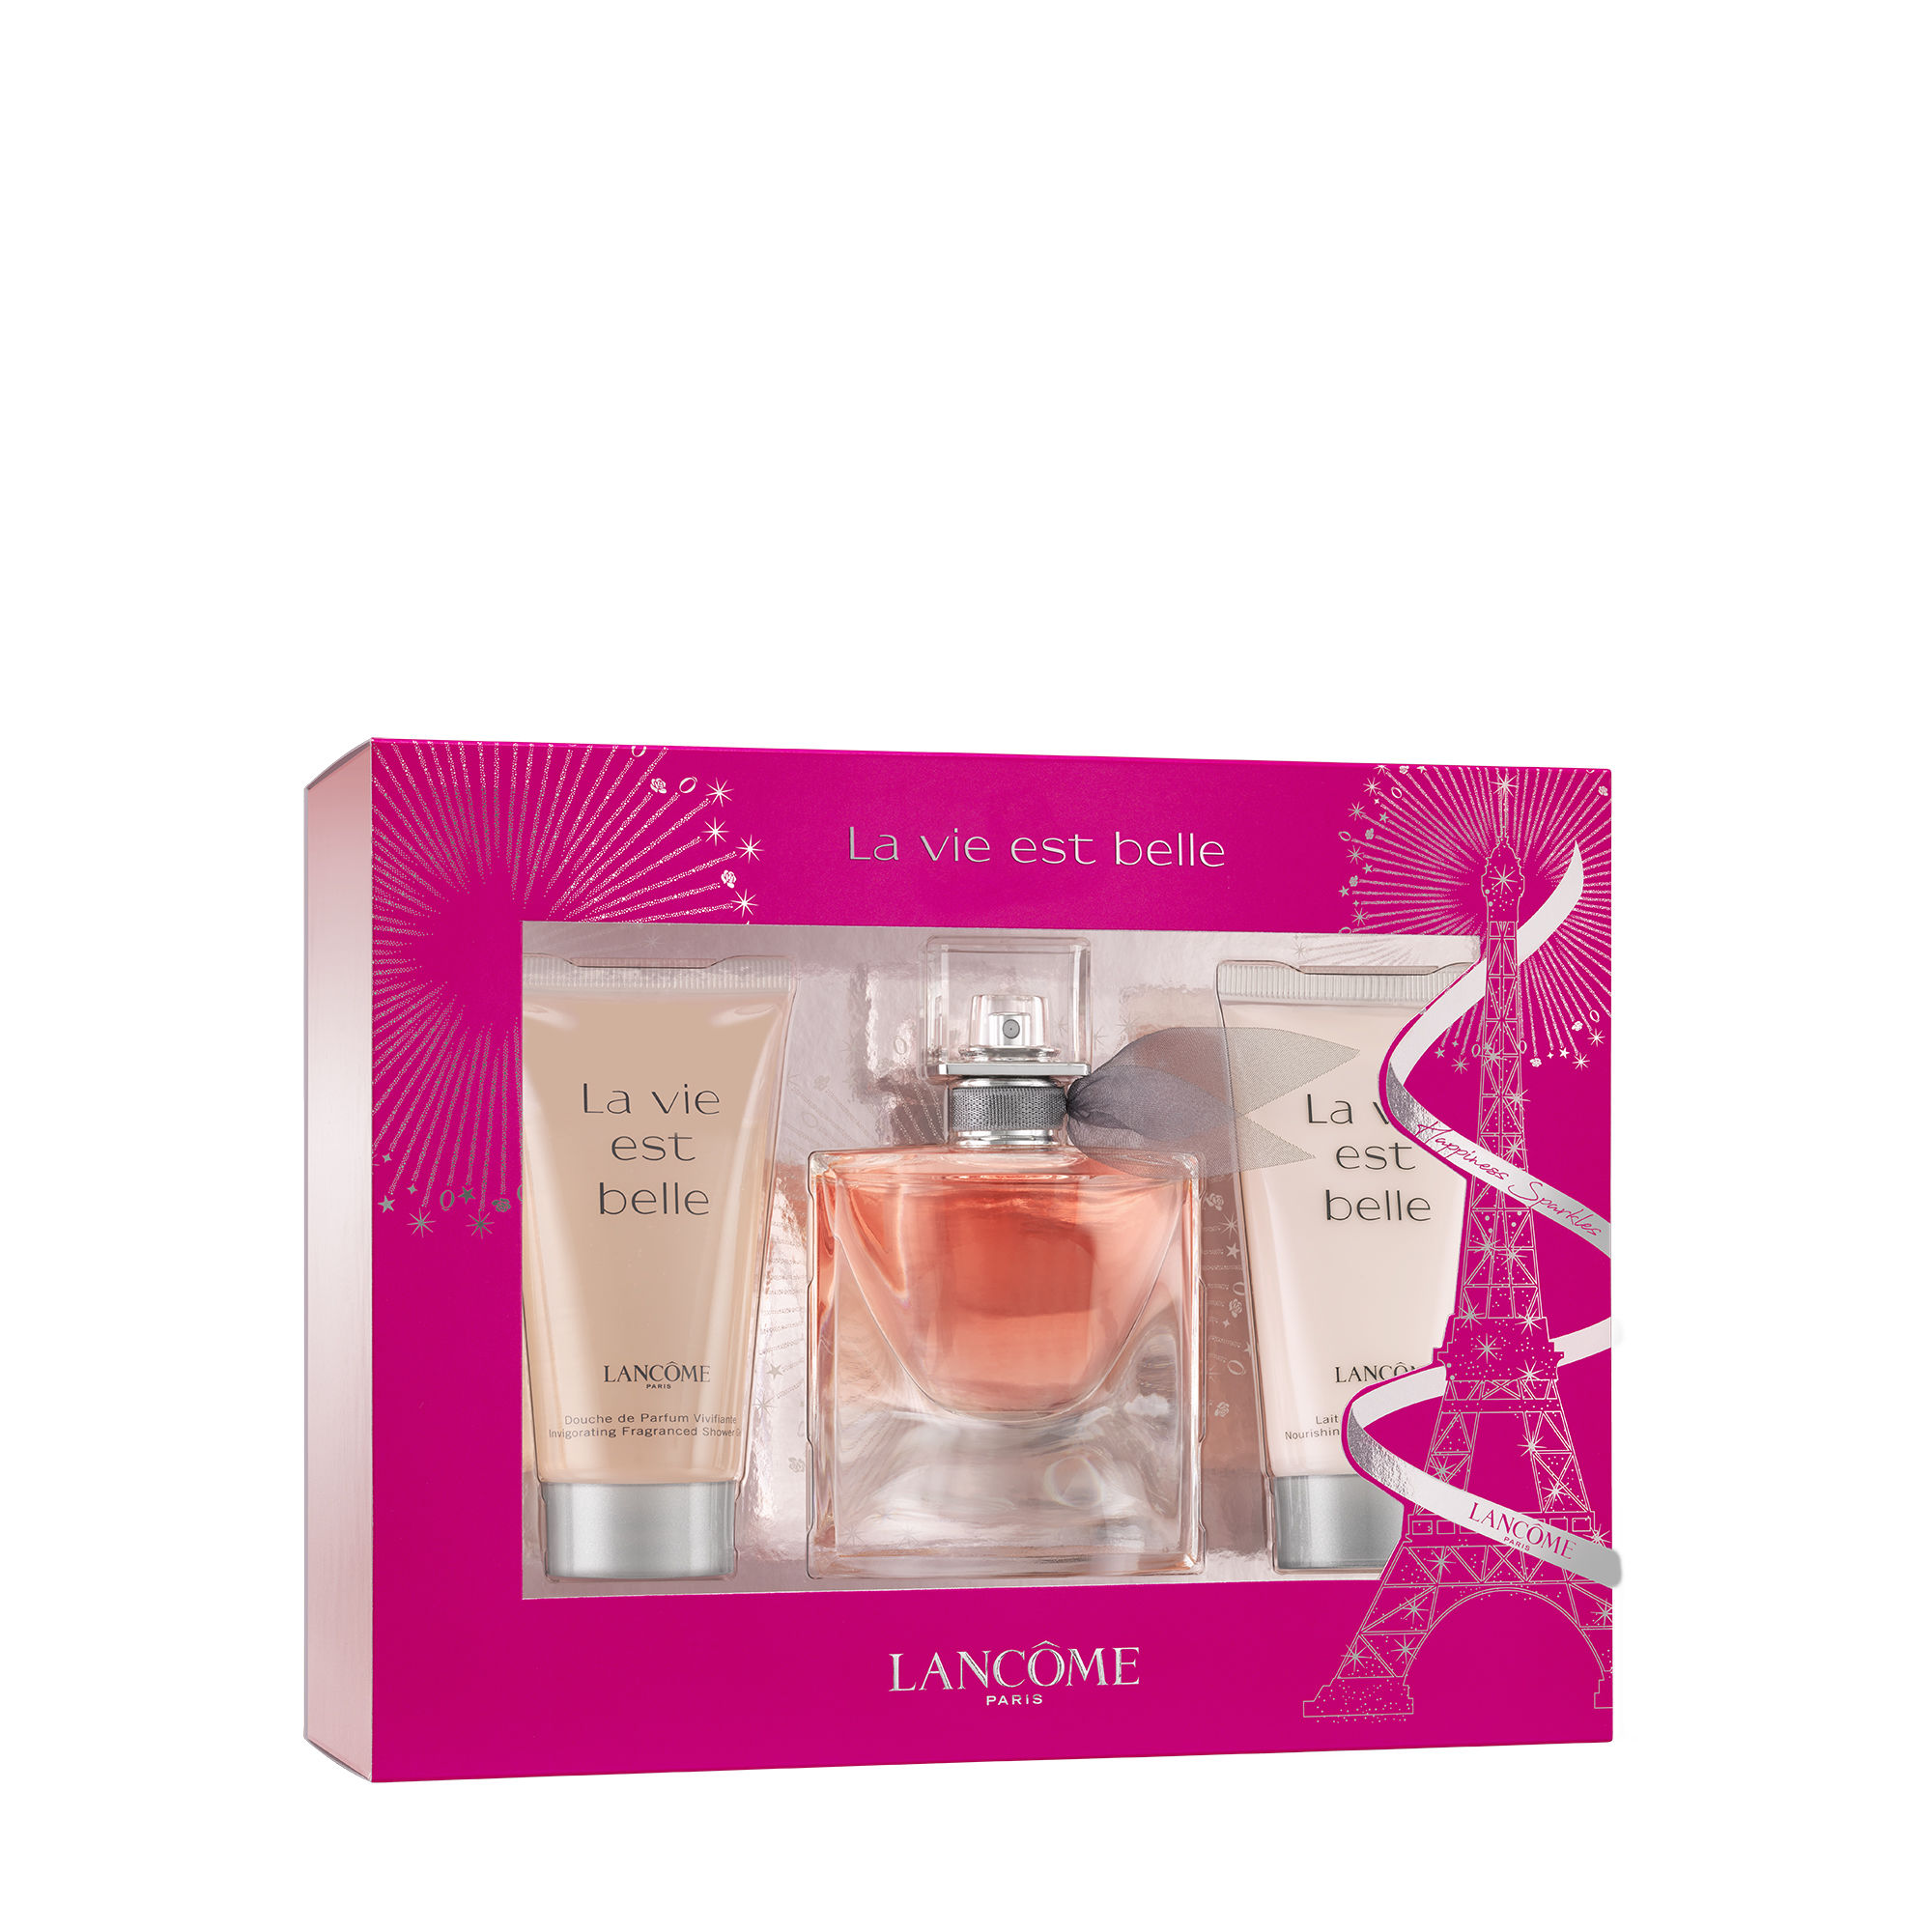 Lancome La Vie Est Belle, parfémovaná voda 30ml + telové mlieko 50ml + sprchový gel 50ml, Dárko